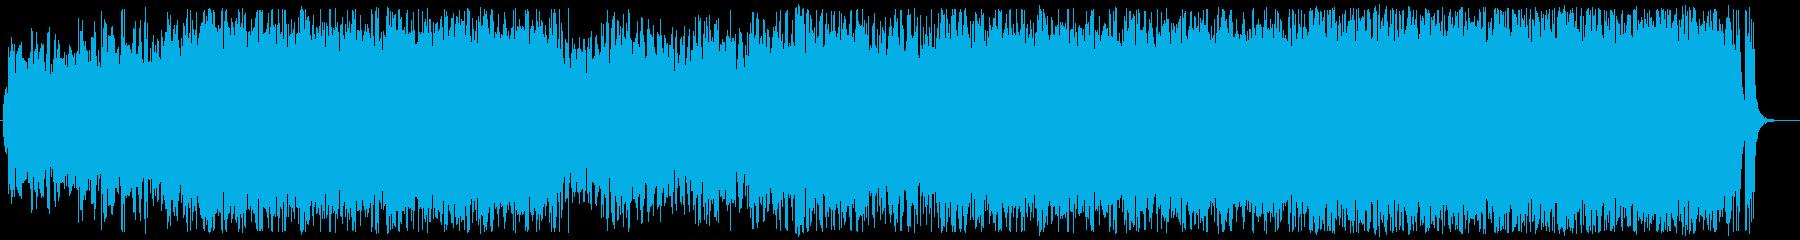 威風堂々をイメージした曲の再生済みの波形